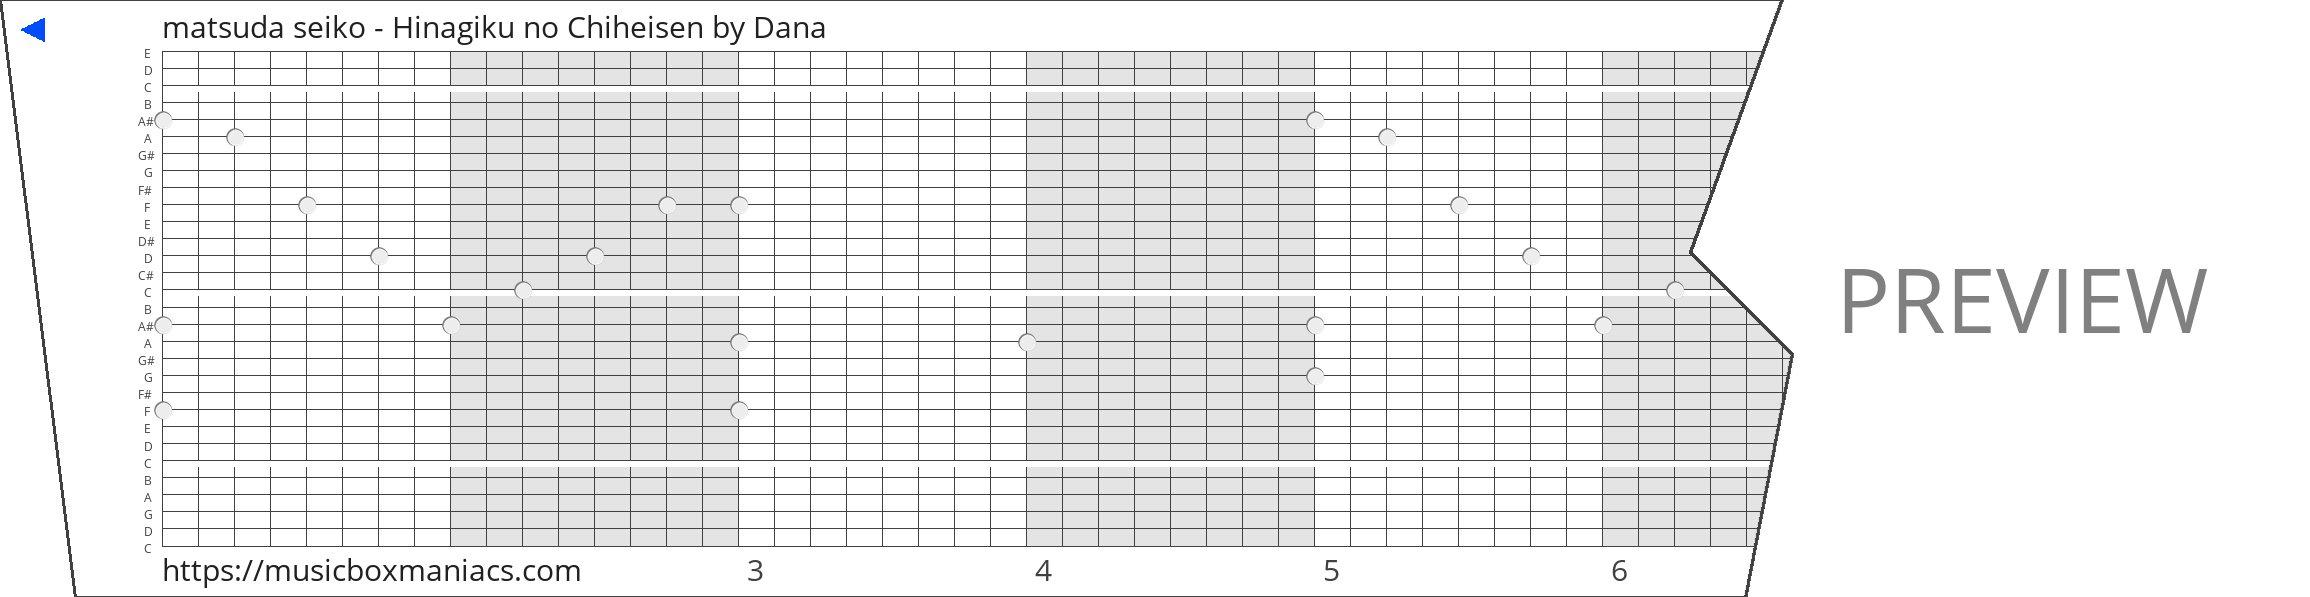 matsuda seiko - Hinagiku no Chiheisen 30 note music box paper strip